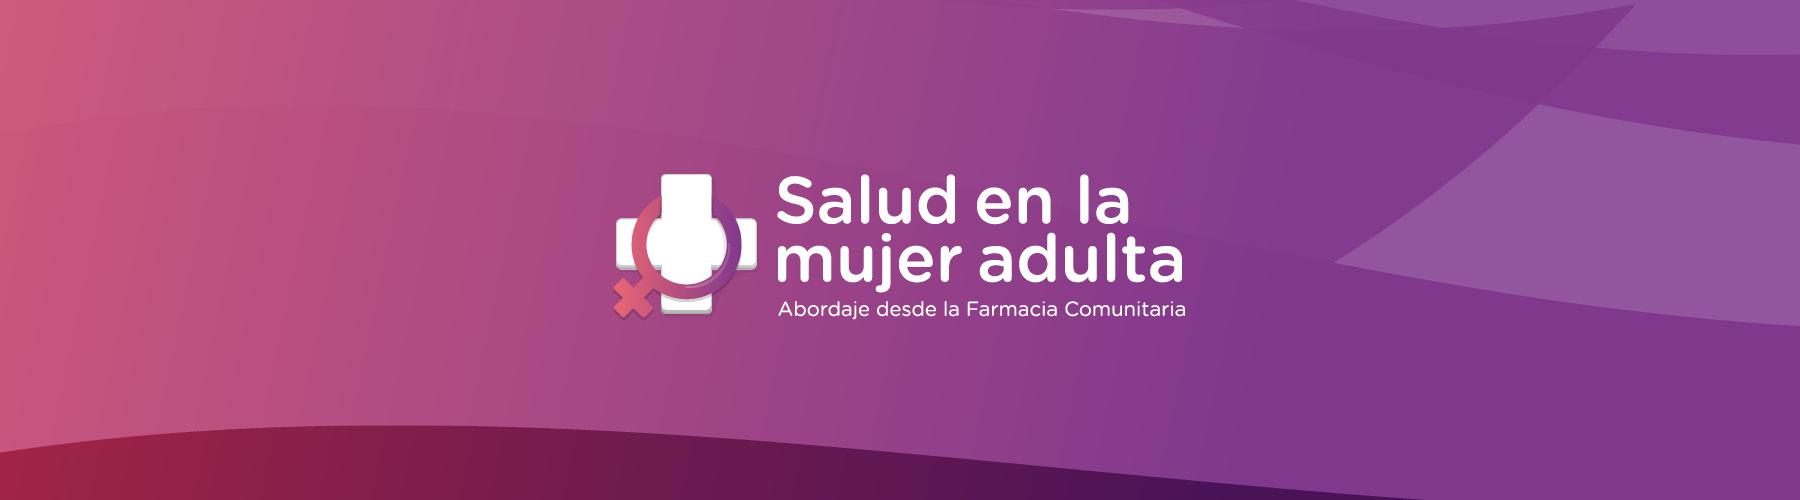 Course Image Salud en la mujer adulta - Abordaje desde la Farmacia Comunitaria